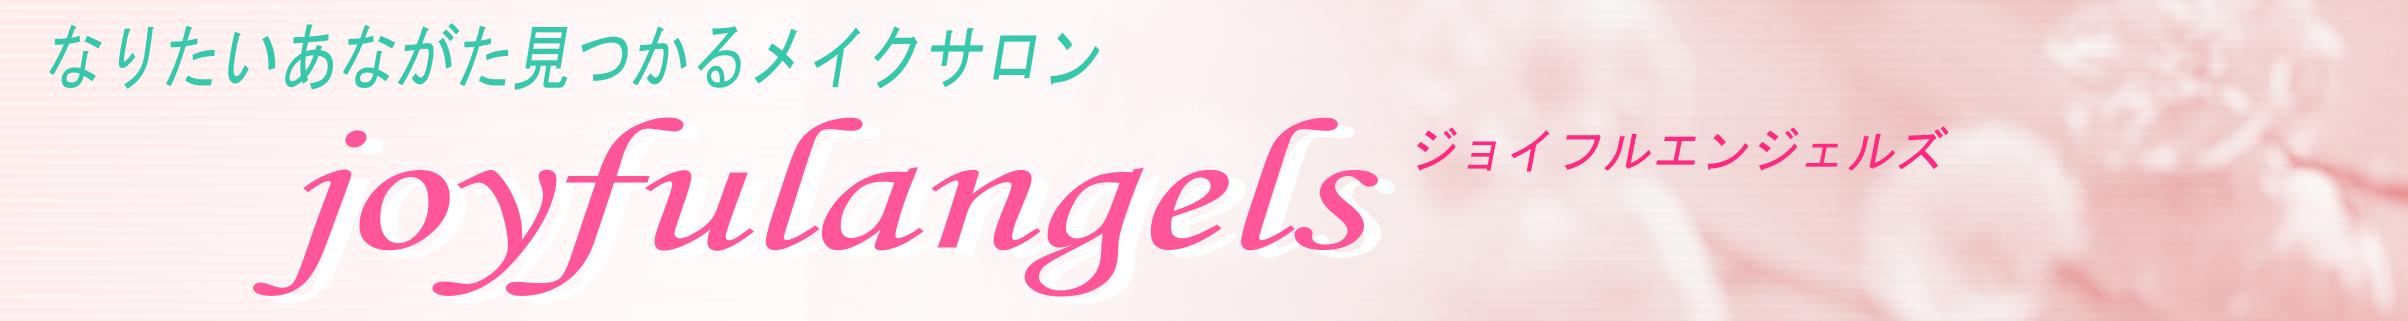 「あなたのキラキラを応援する!」アファメーションメイク Joyful☆angels